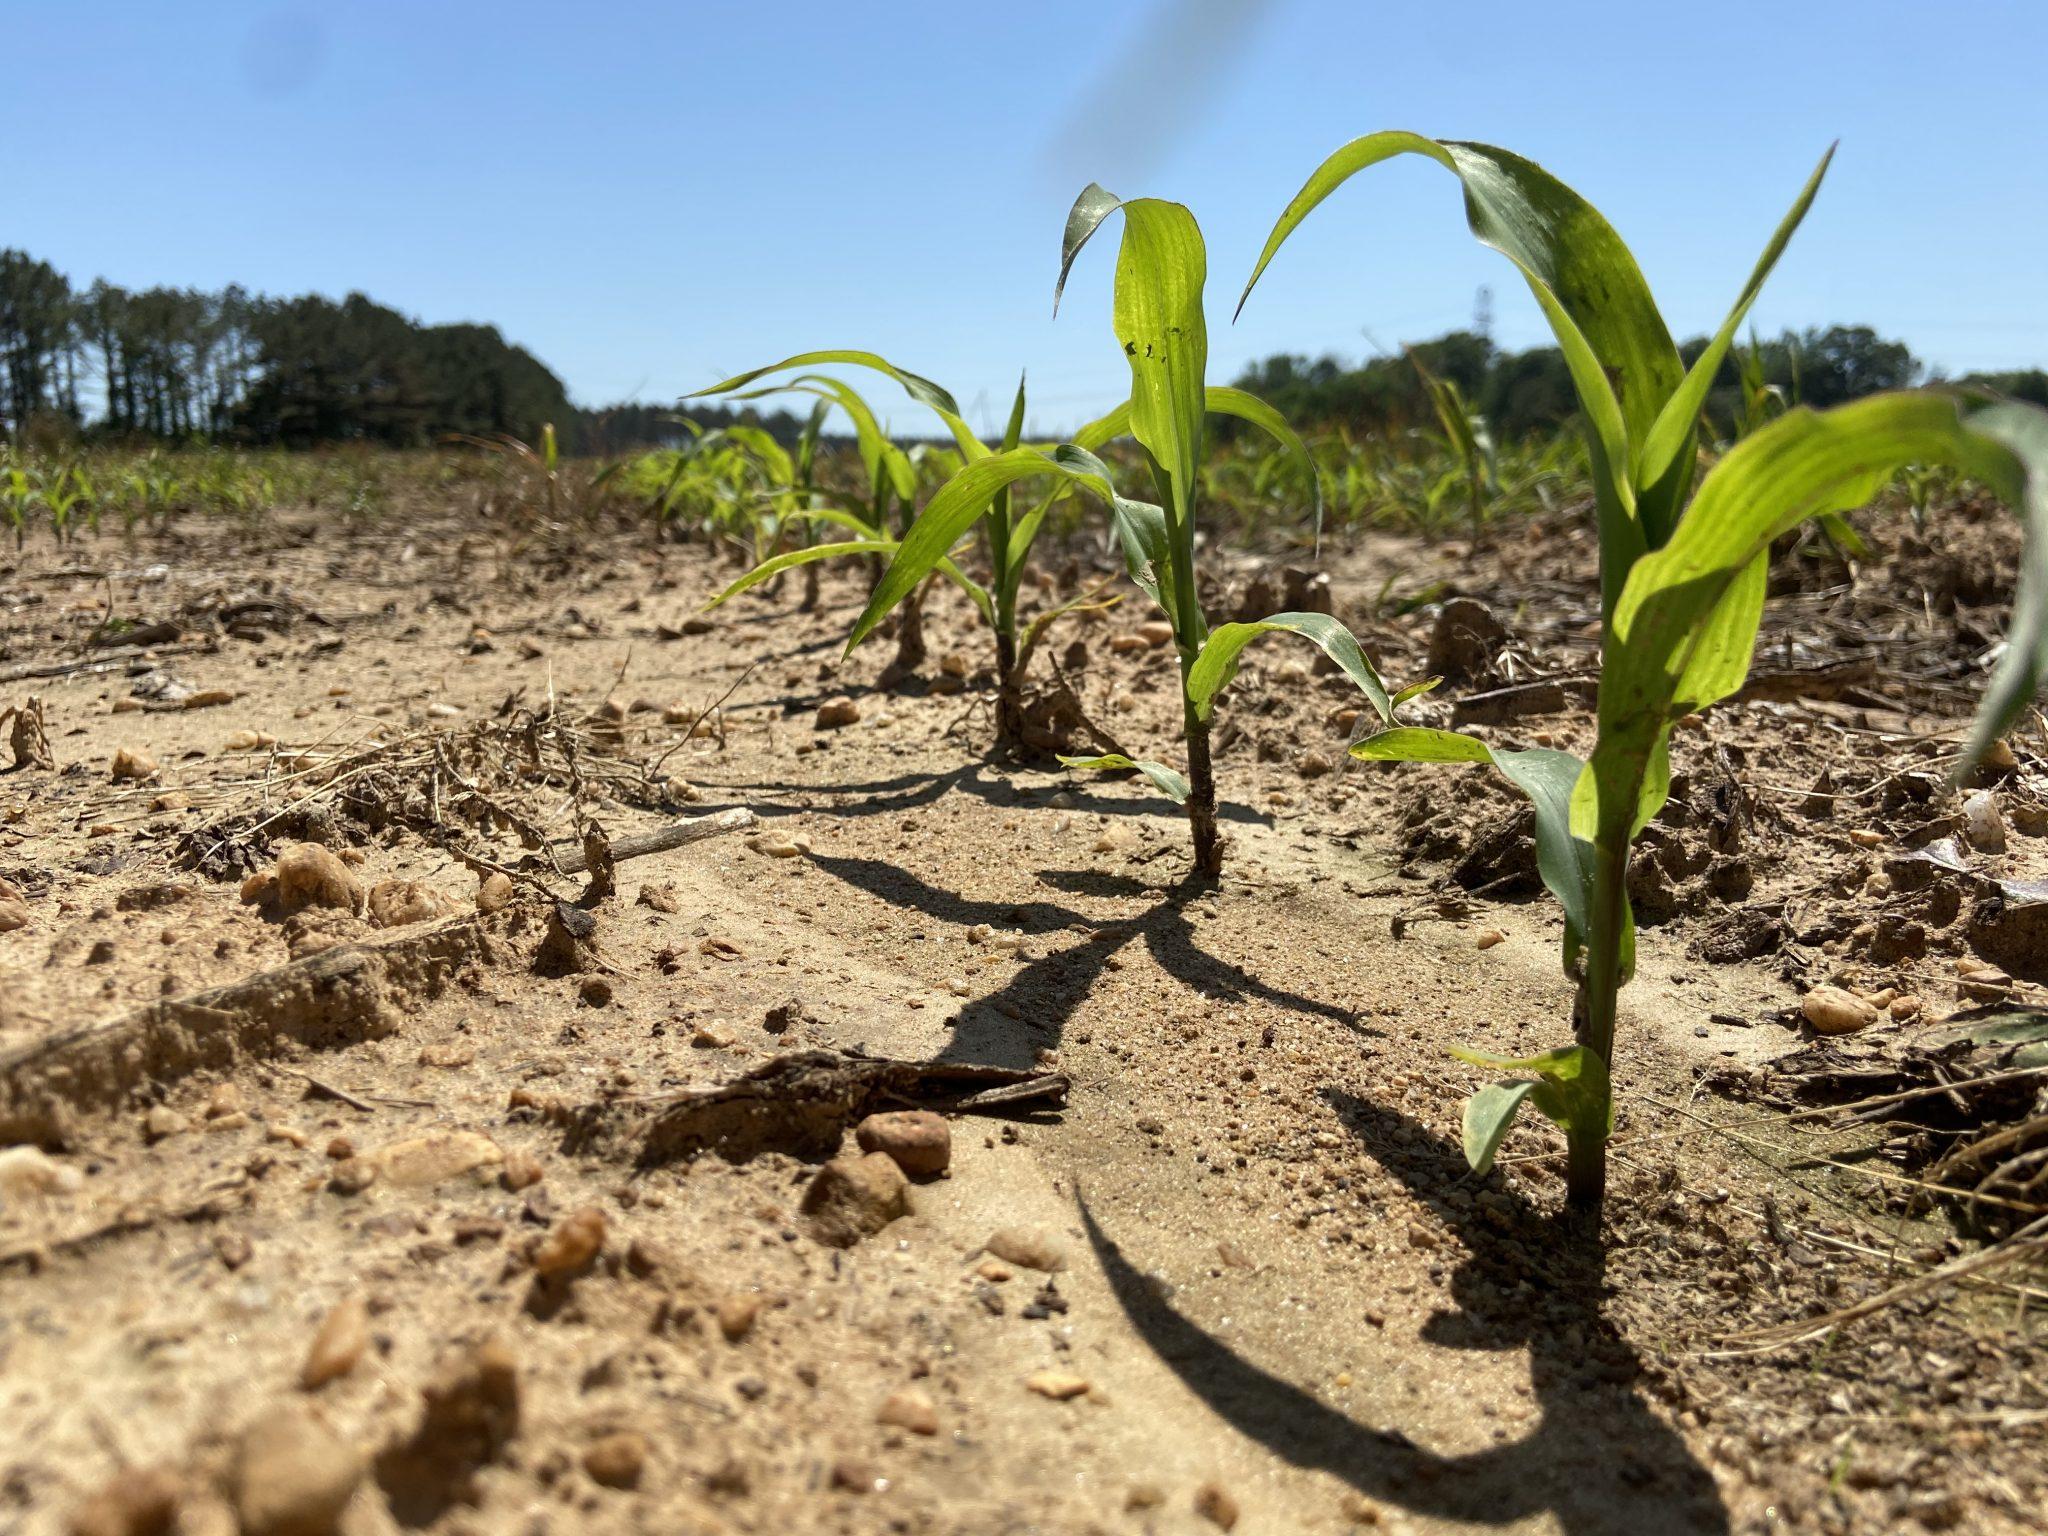 Corn emerging in a field.